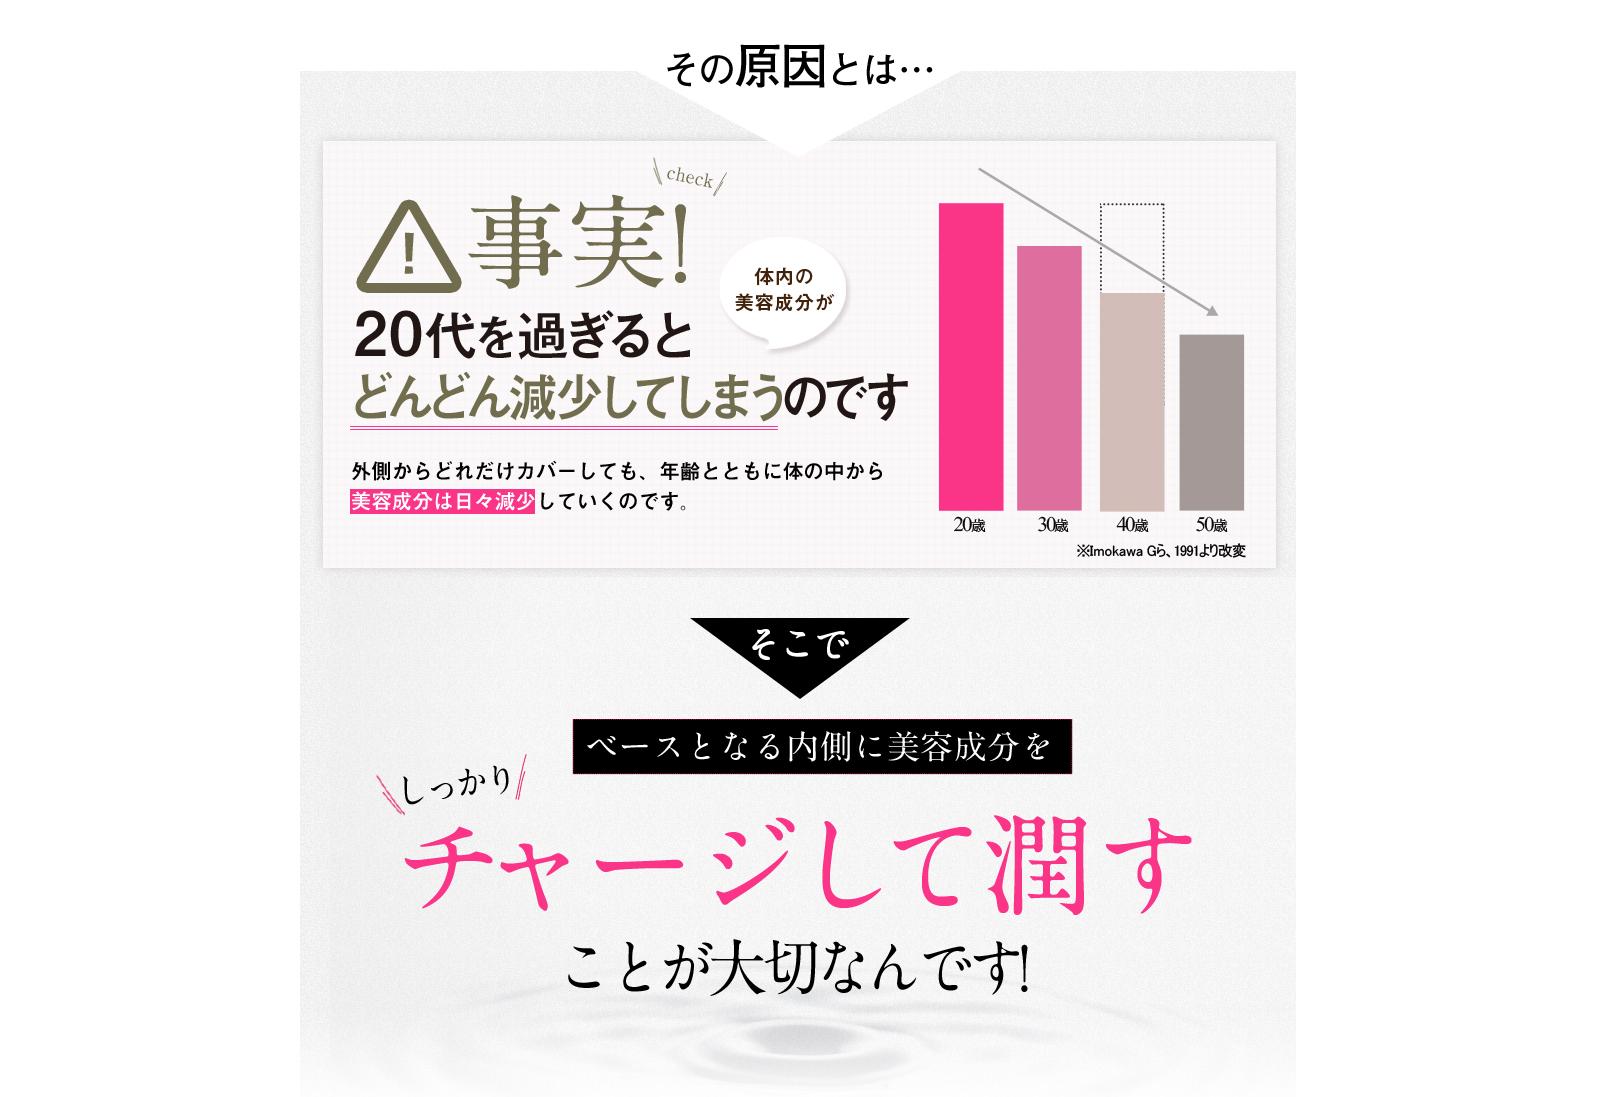 プラセンタサプリ販売用ランディングページ(LP)デザイン・制作事例05